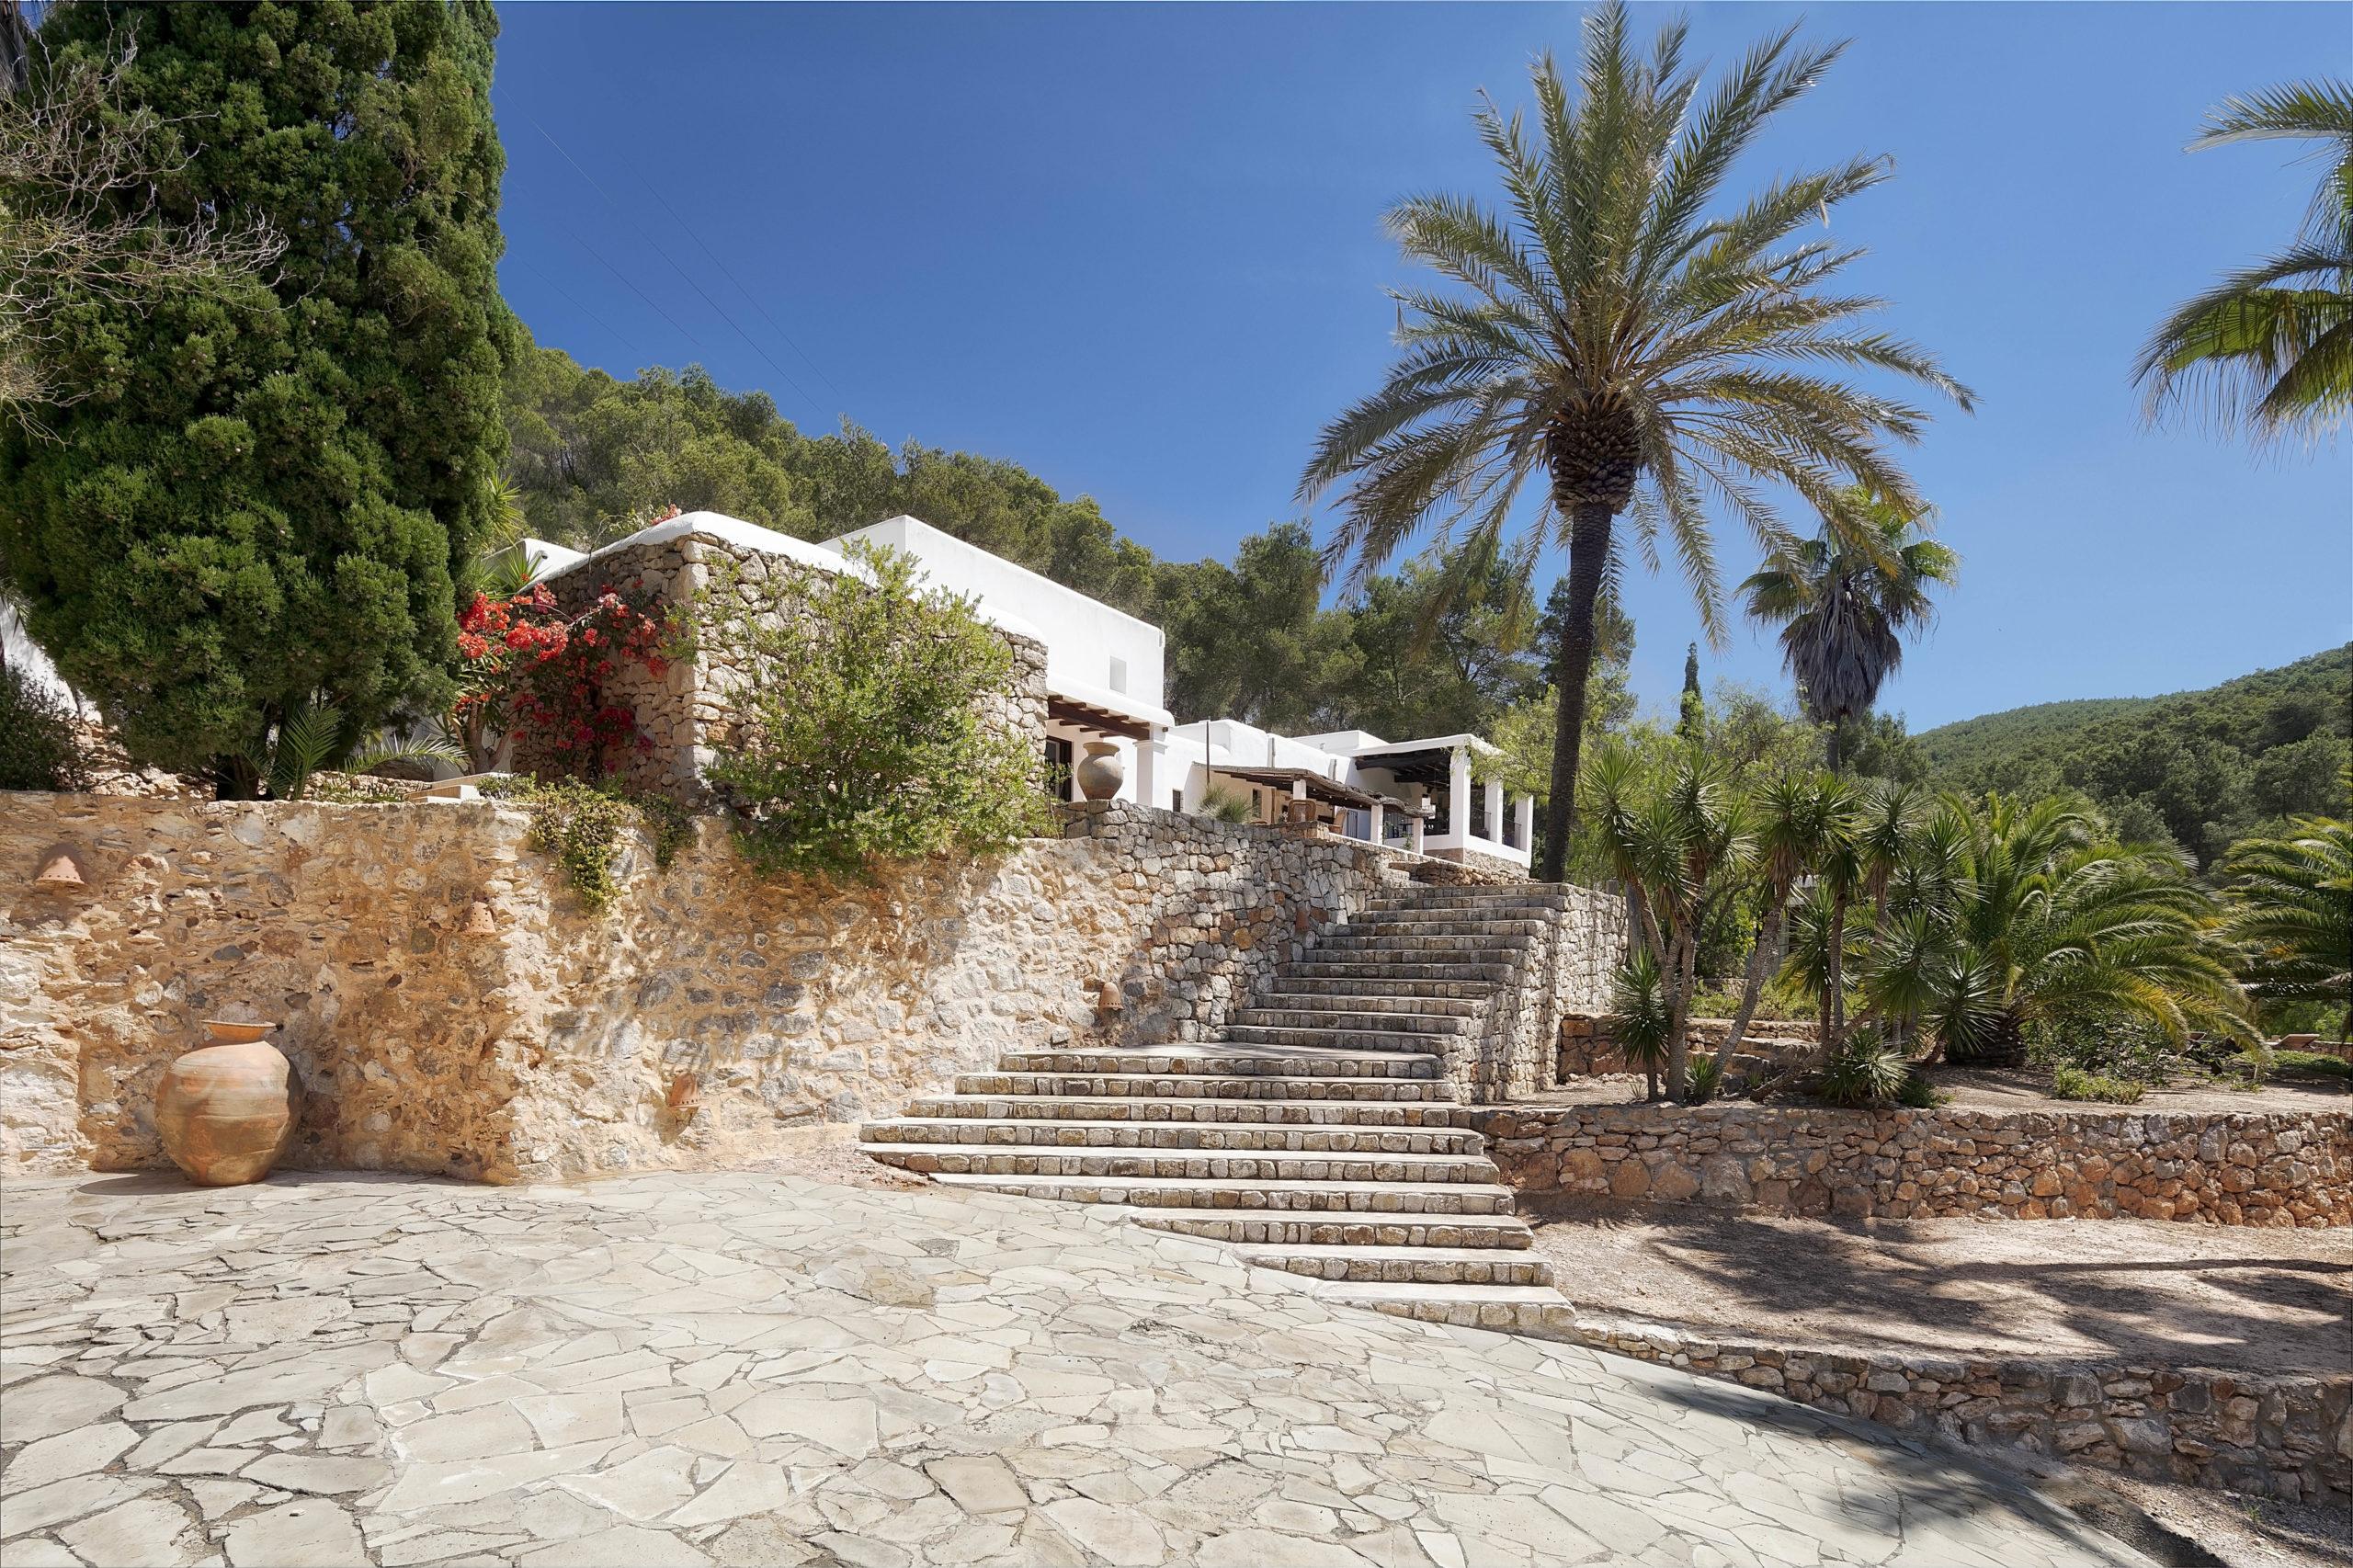 Charmante, komplett renovierte Finca in idyllischer Lage nahe der Stadt Ibiza